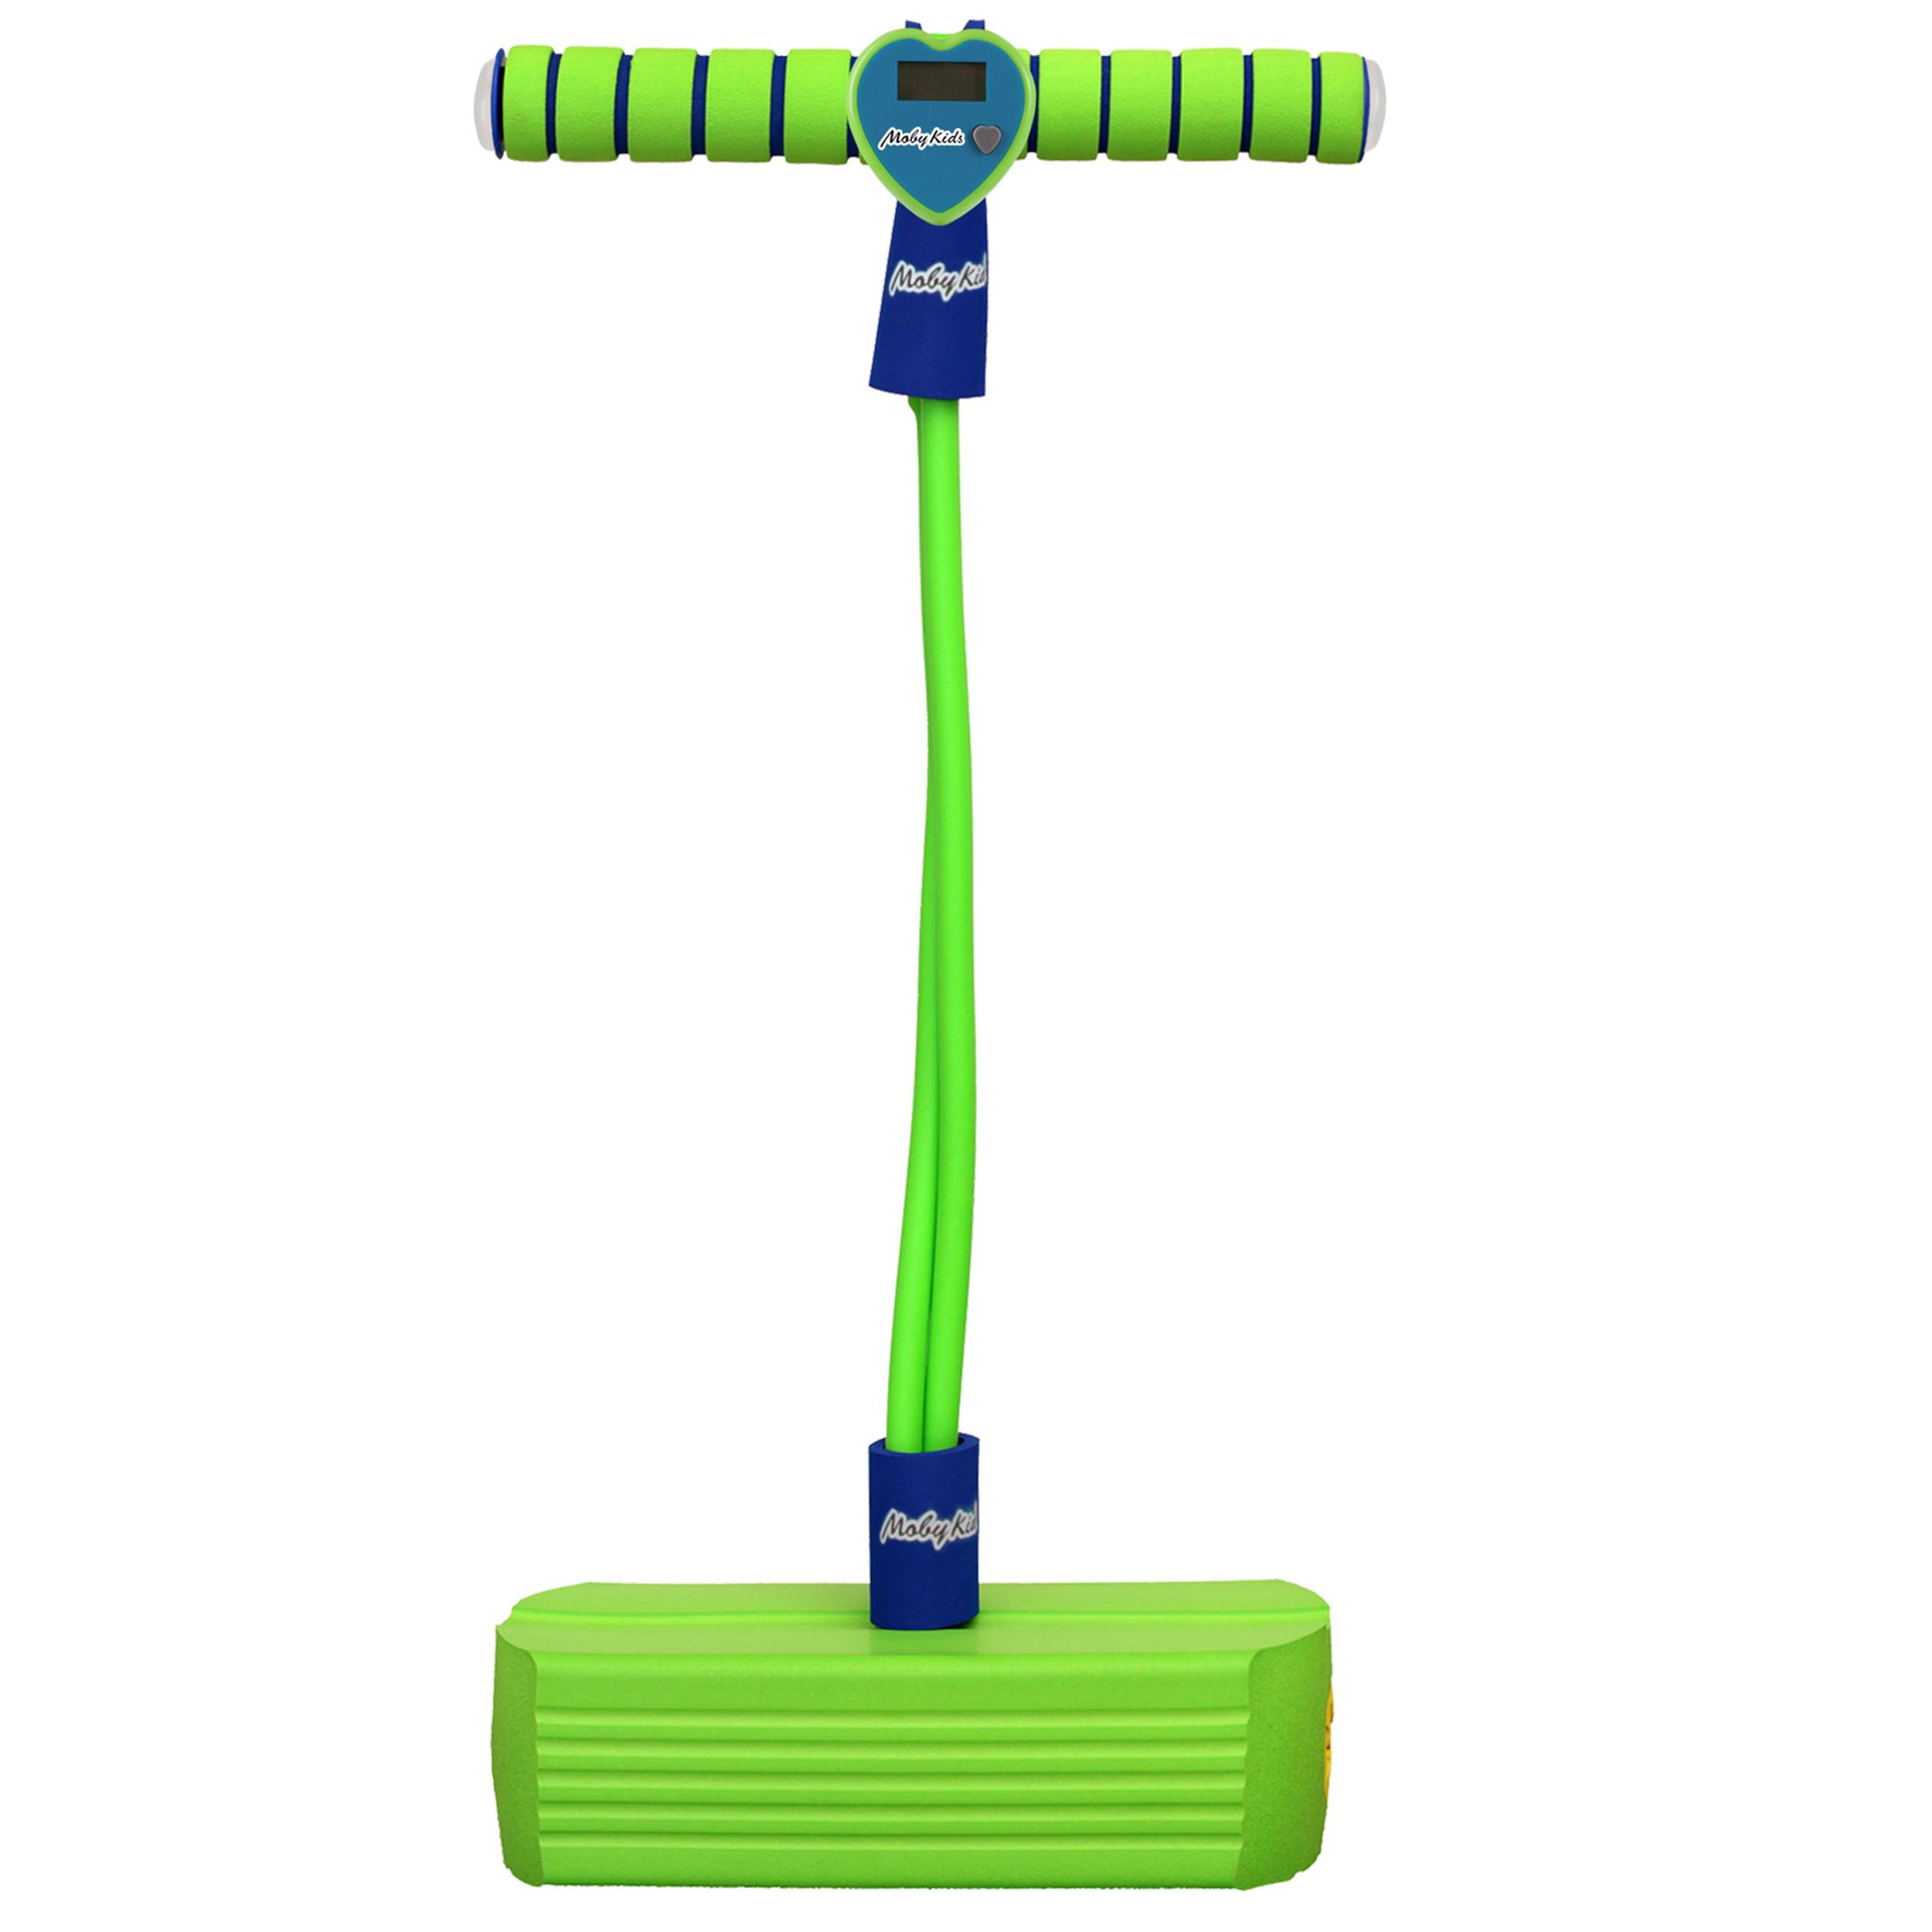 Фото - Активные игры Moby Kids Тренажер для прыжков Moby Kids «Moby Jumper» со счетчиком, светом и звуком зеленый moby kids тренажер для прыжков moby jumper со звуком зелен